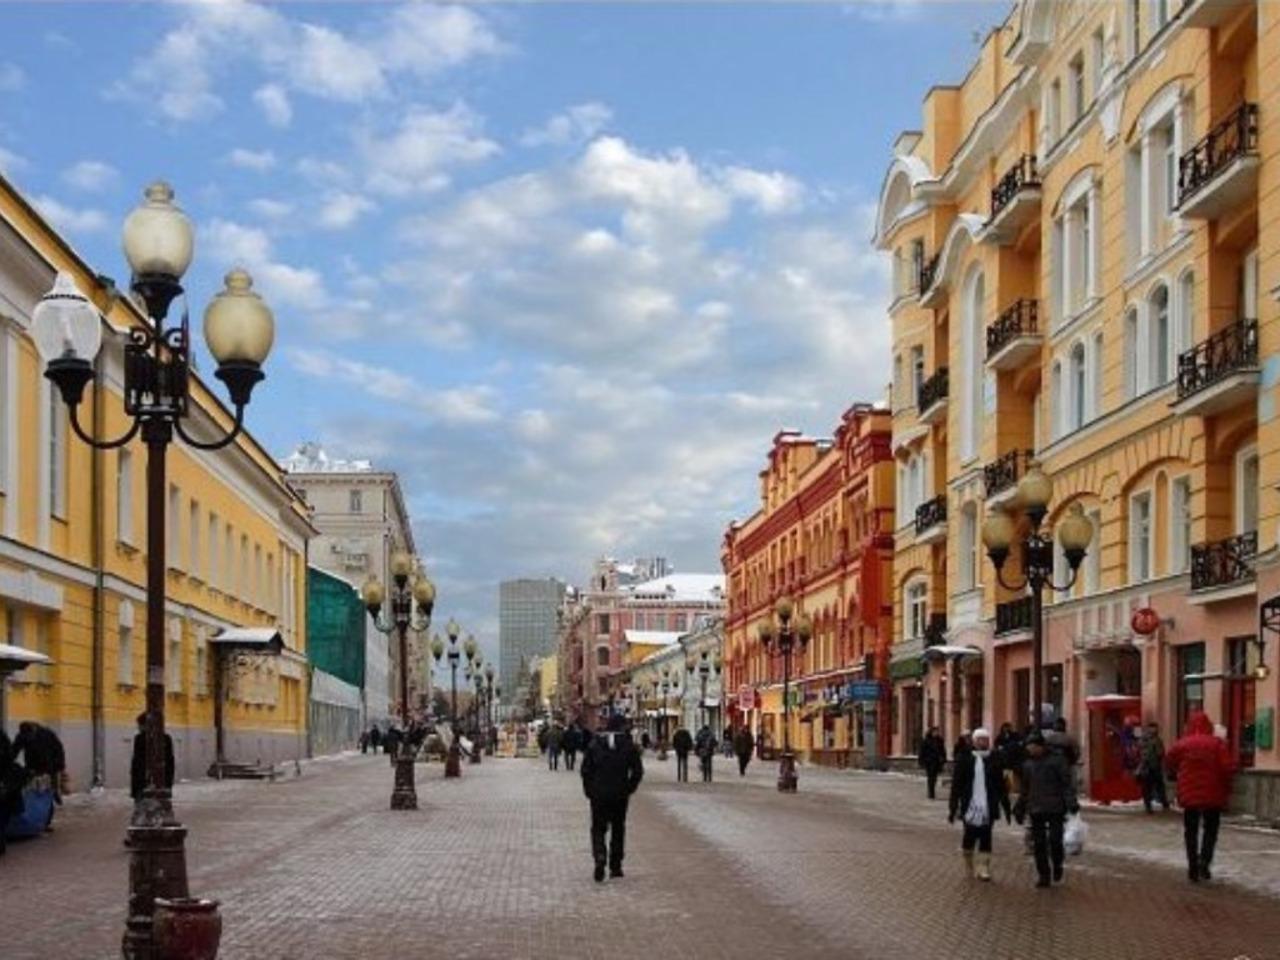 Семейный квест по Арбату - индивидуальная экскурсия по Москве от опытного гида